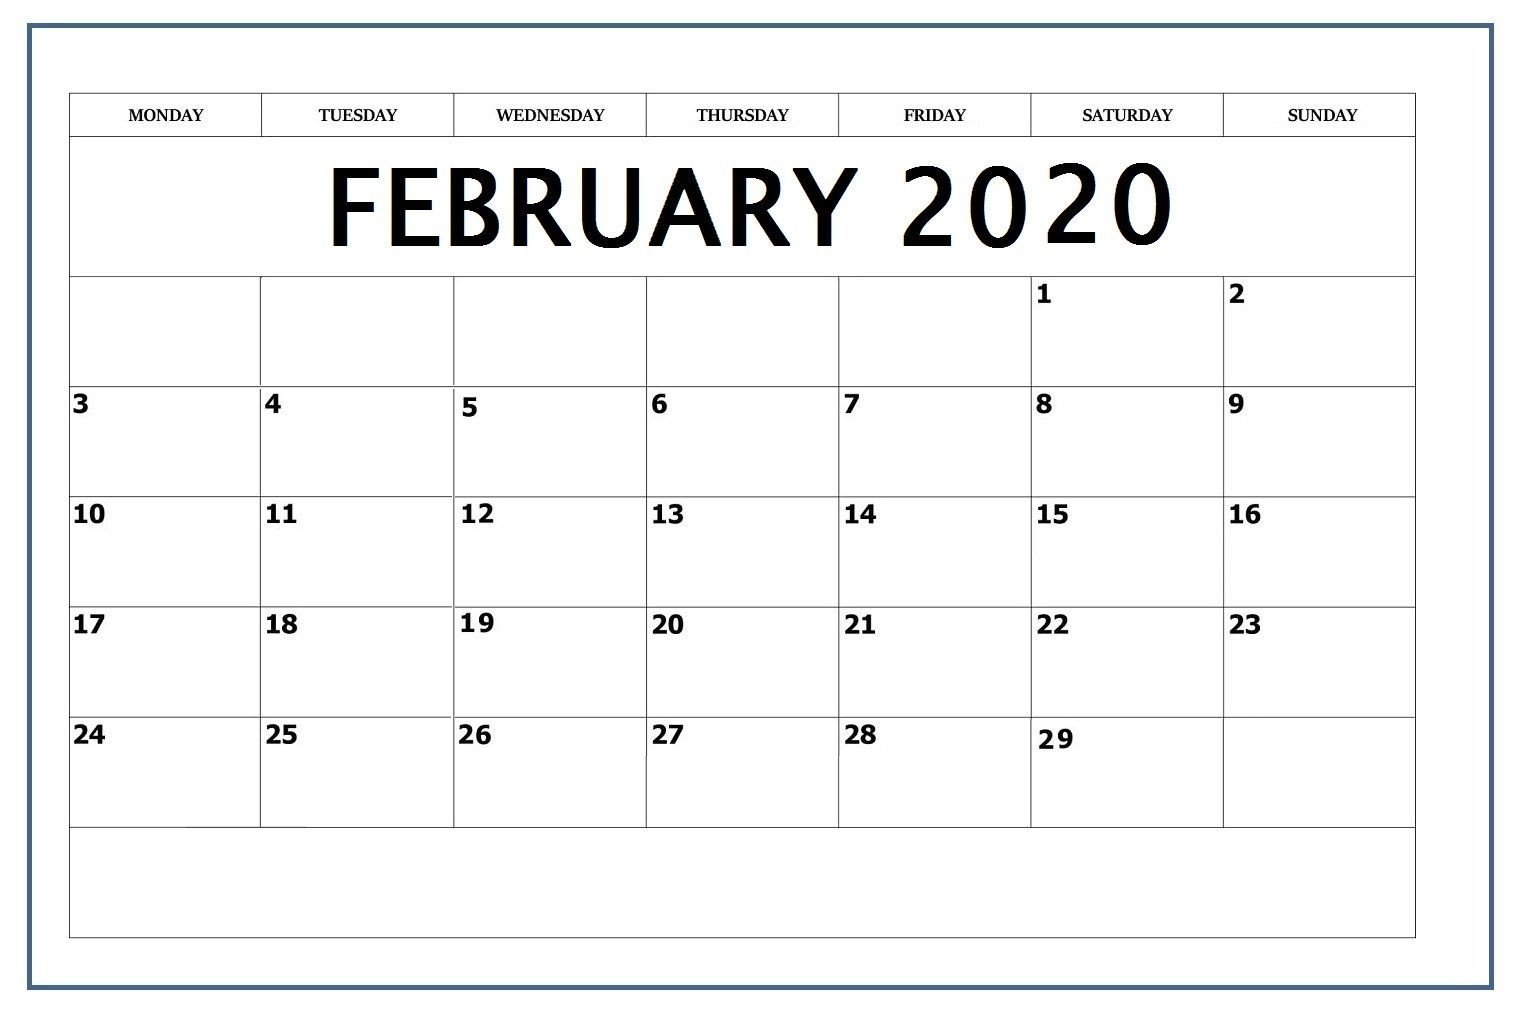 Free Online Calander I Can Edit | Get Your Calendar Printable Free Printable Calendar That I Can Edit